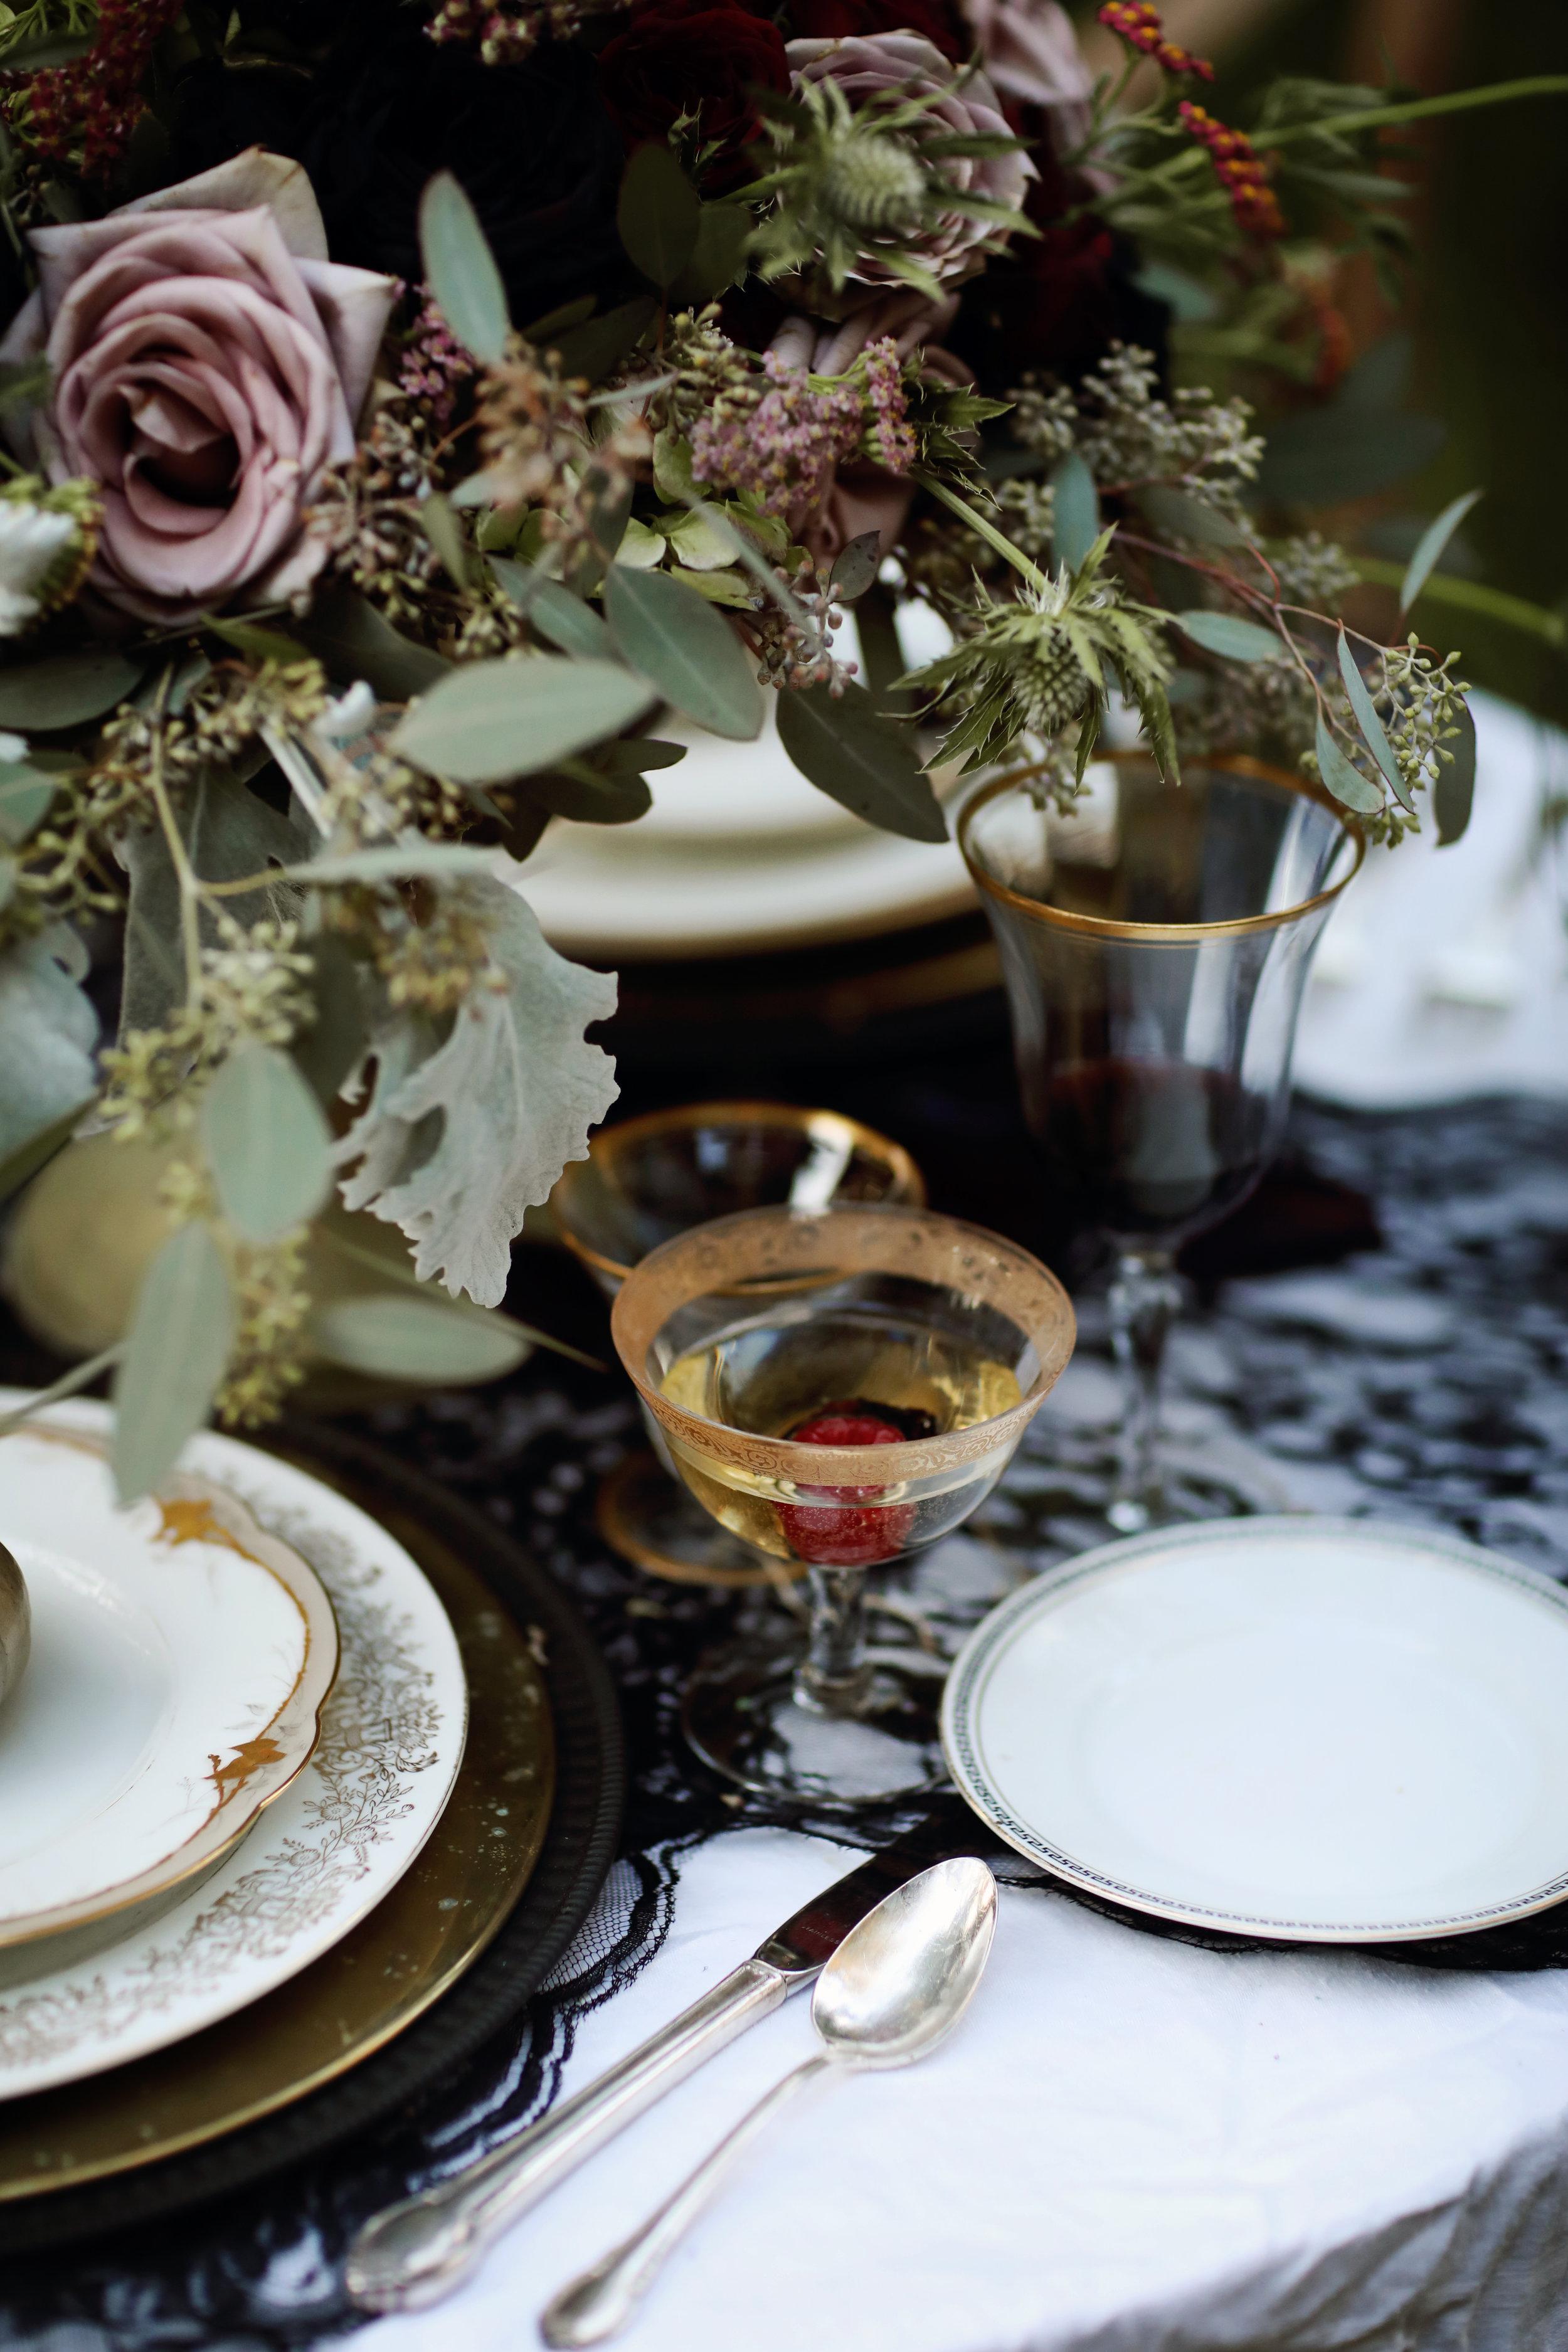 Gold china, gold charger, vintage silverware, gold rimmed goblets, vintage wedding rentals.